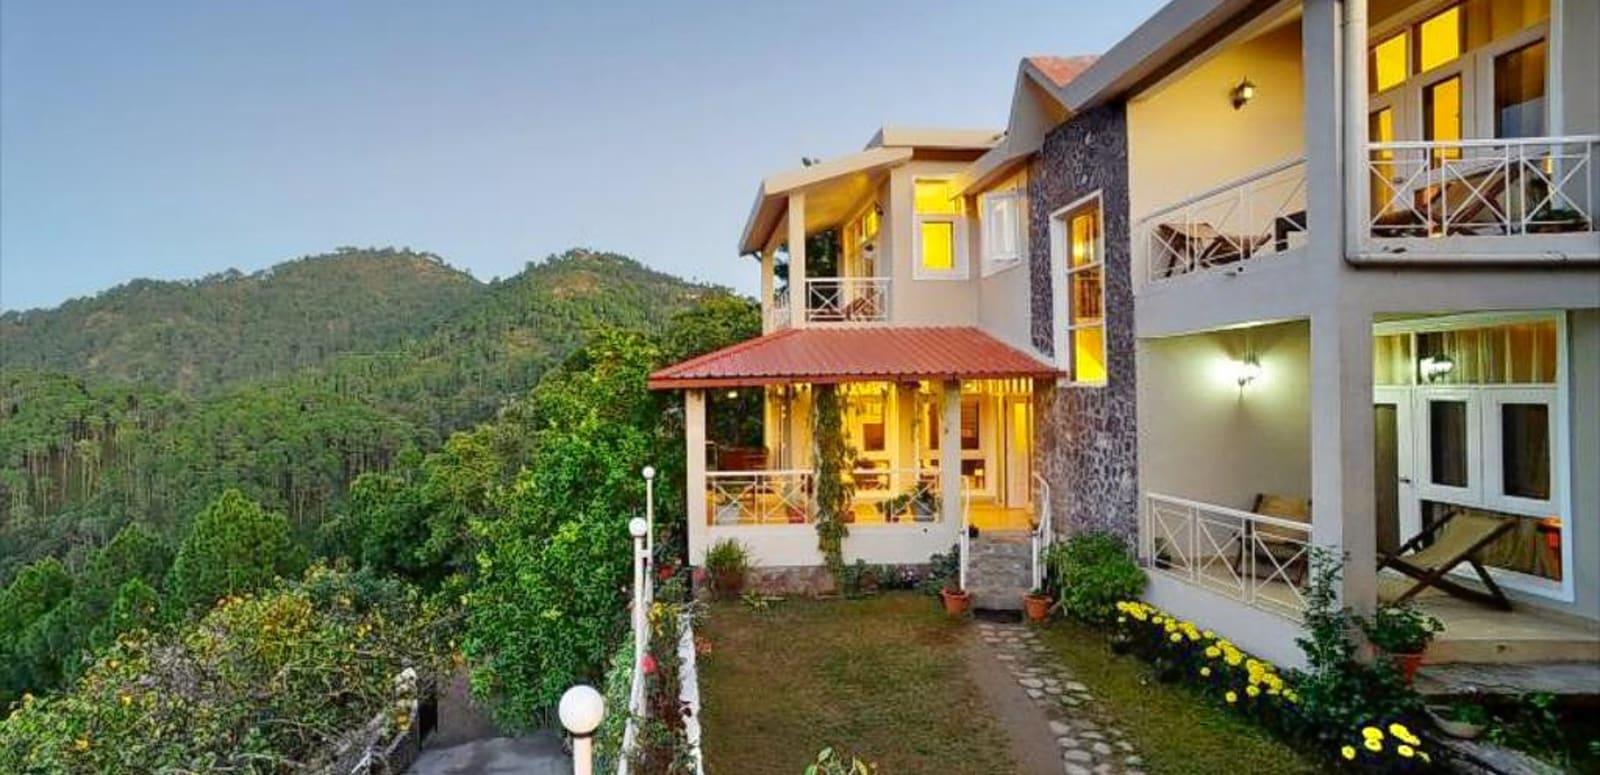 16 Best Resorts in Nainital - 2019 (2400+ Reviews & Photos)